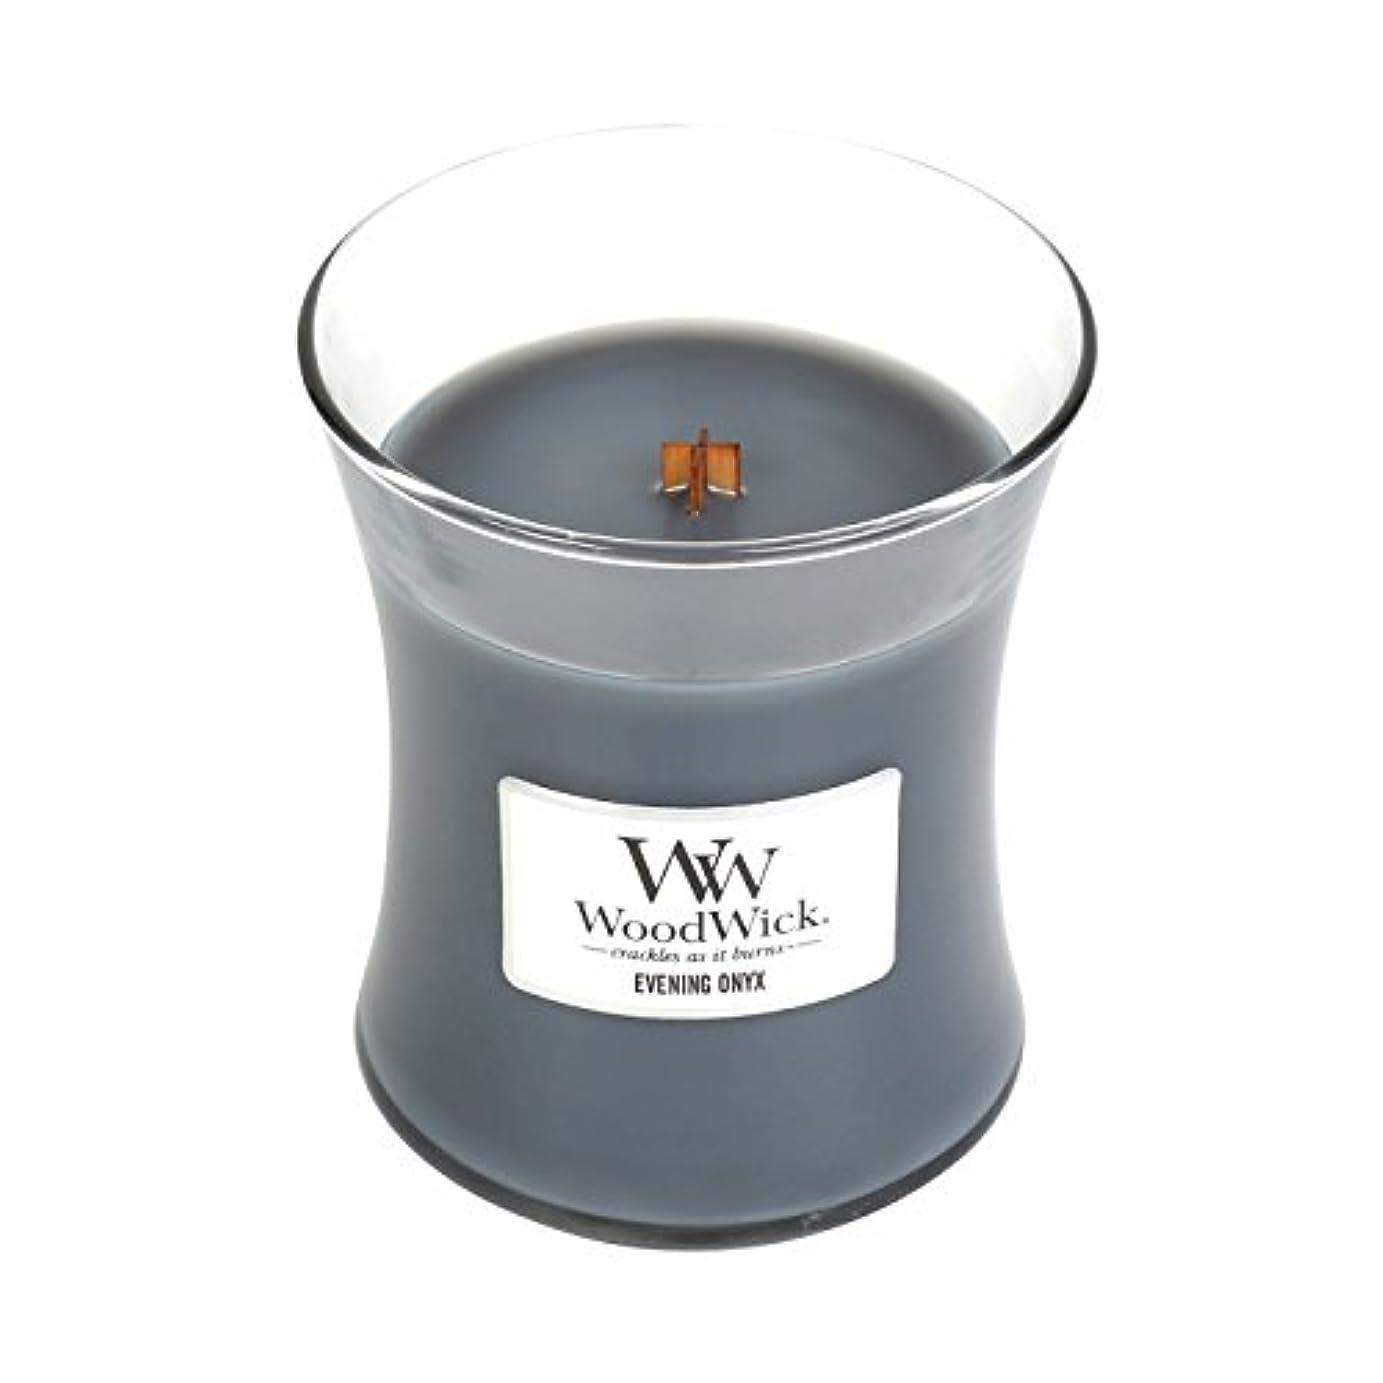 胚存在する船酔い(Medium, Evening Onyx) - WoodWick Medium Hourglass Scented Candle, Evening Onyx